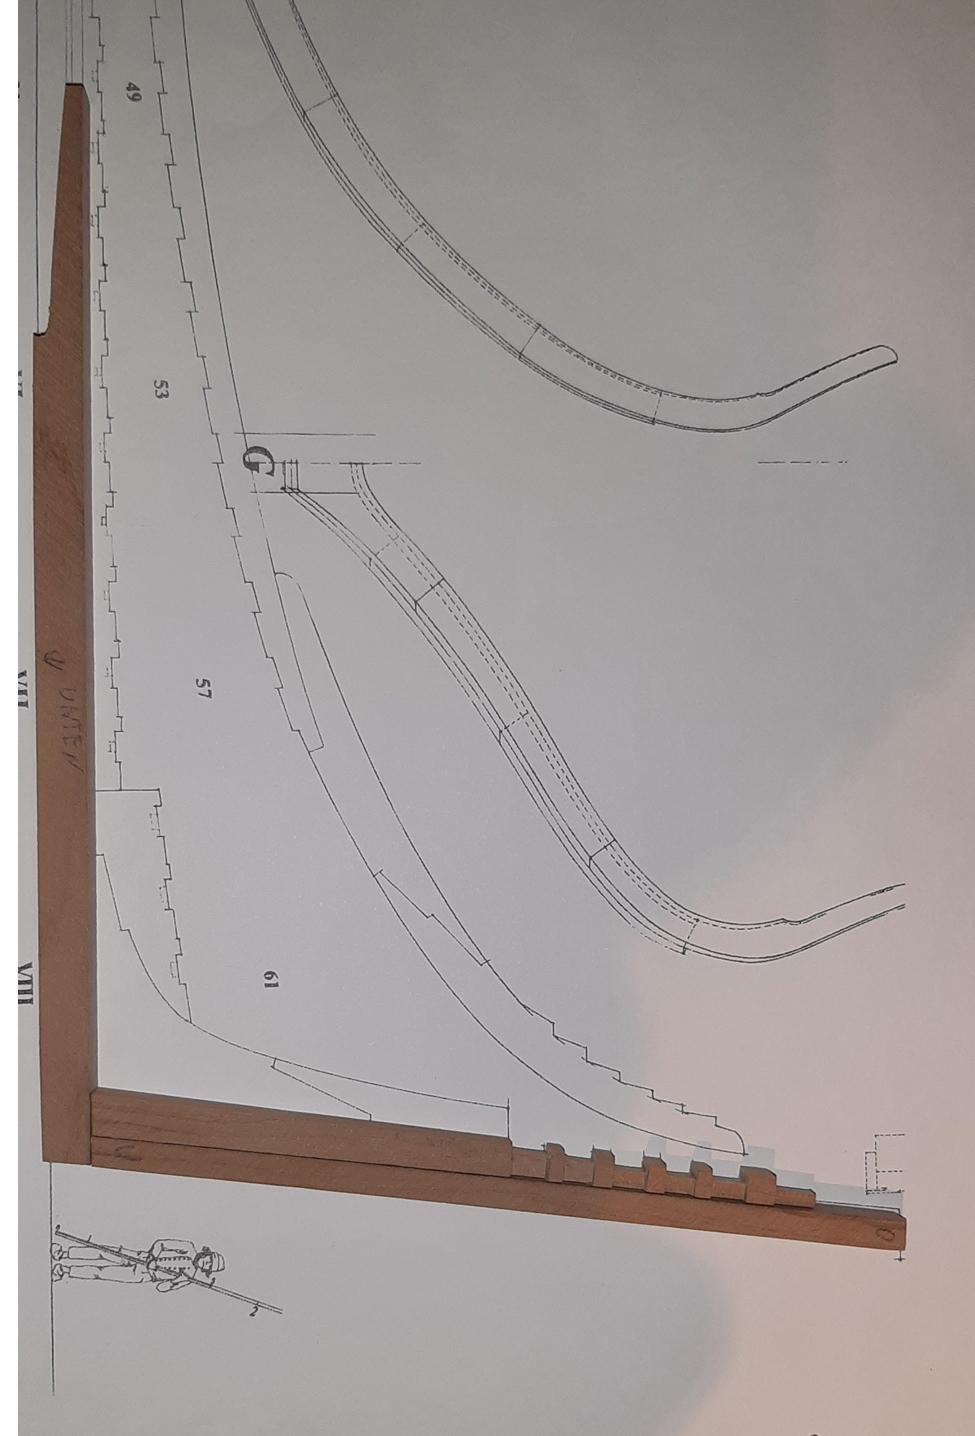 Bonhomme Richard 1779, échelle 1/60 par mtbbiker 20200126